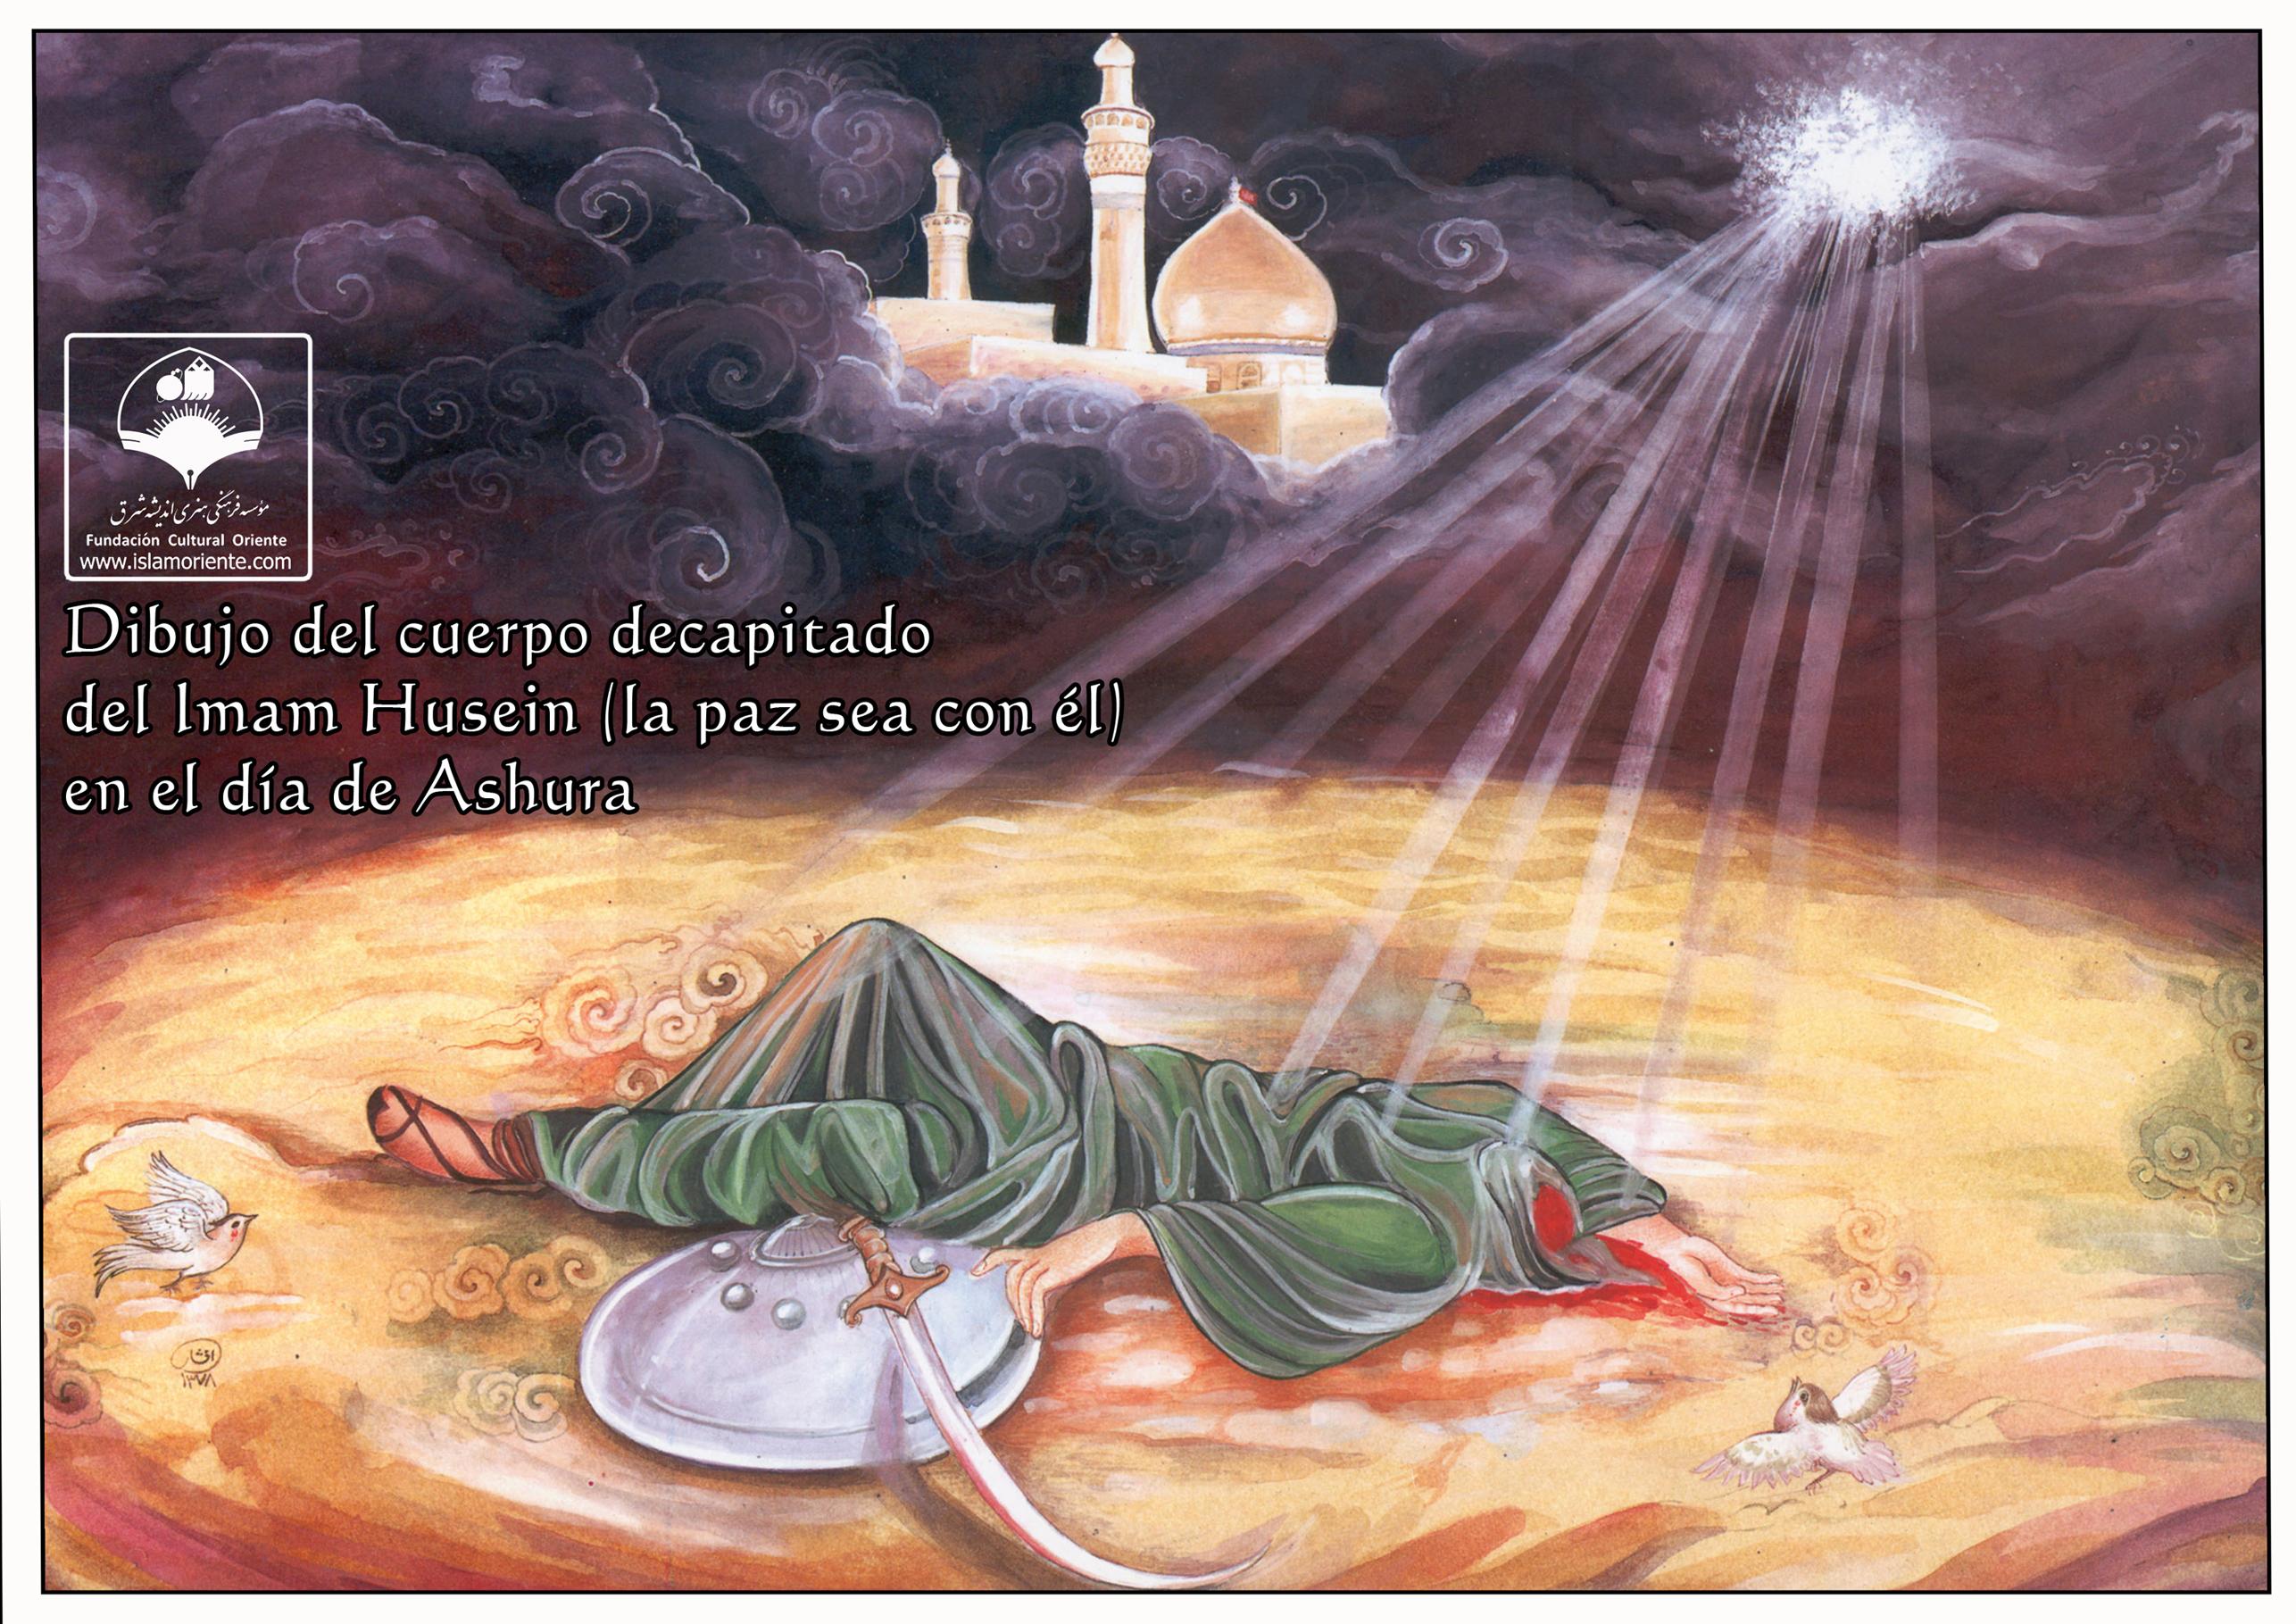 ashura karbala imam hussain 2572x1819 wallpaper teahub io teahub io